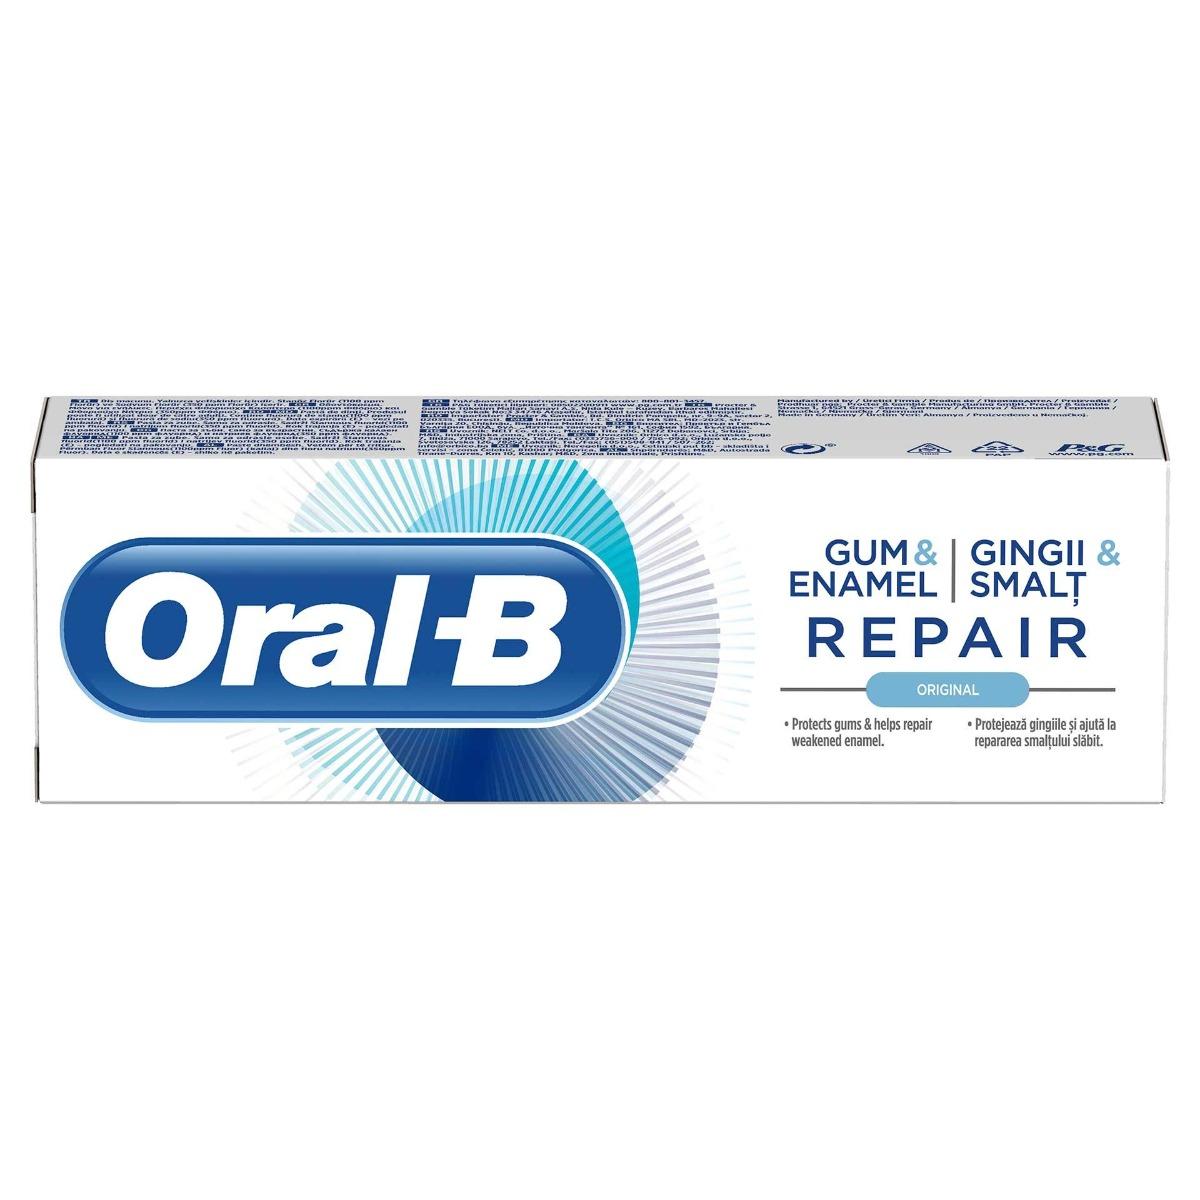 Pasta dinti Gum&Enamel Repair Original, 75ml, Oral-B drmax.ro